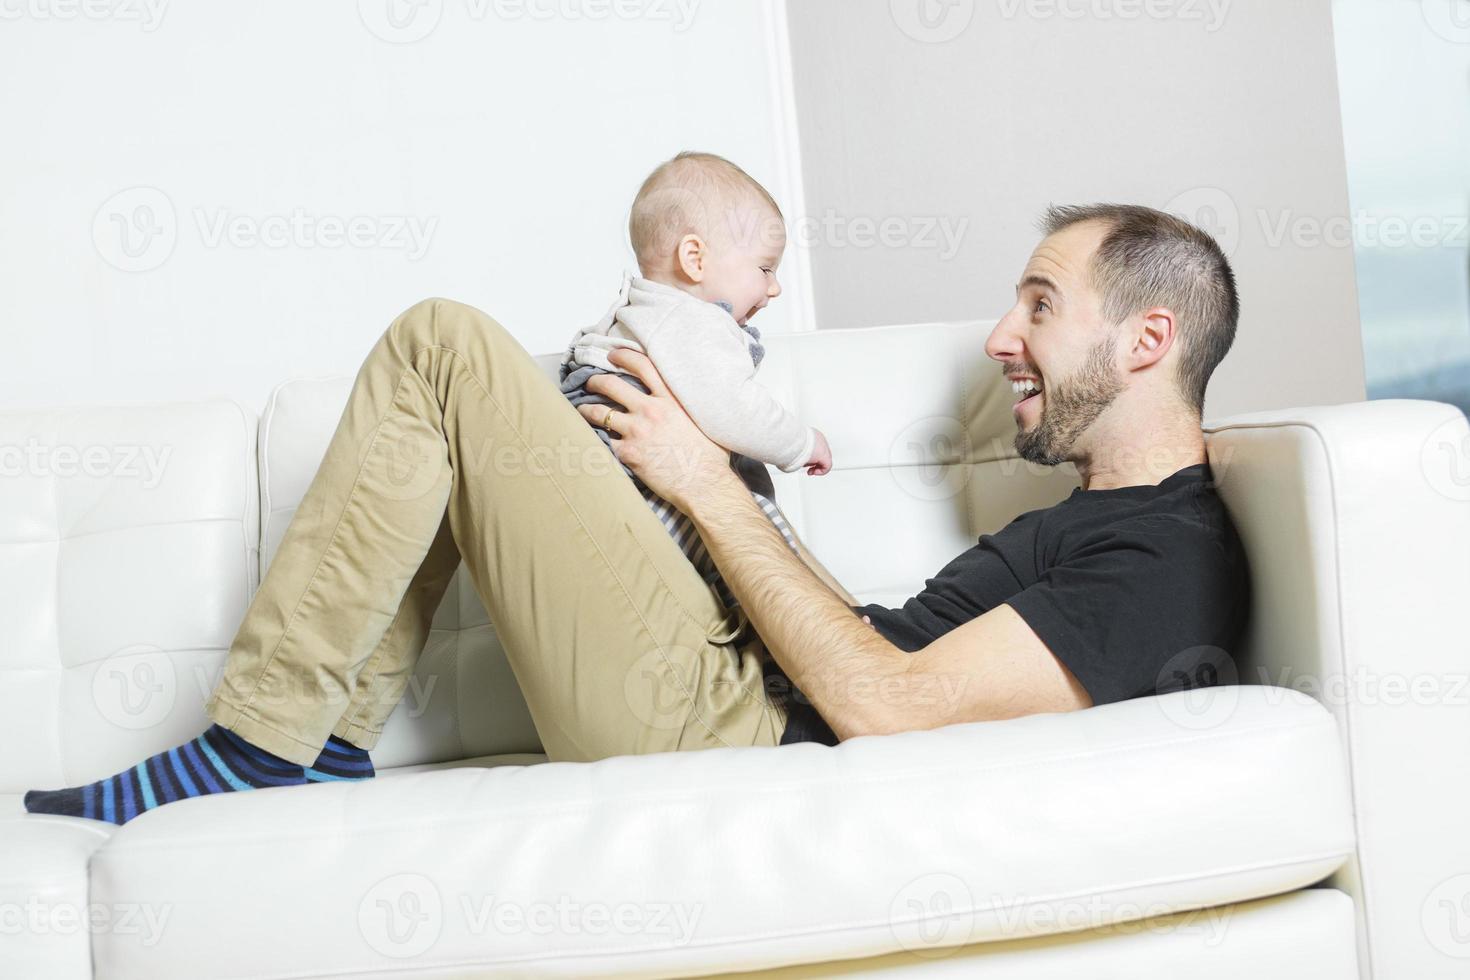 pai com bebê no sofá, tendo um bom tempo foto